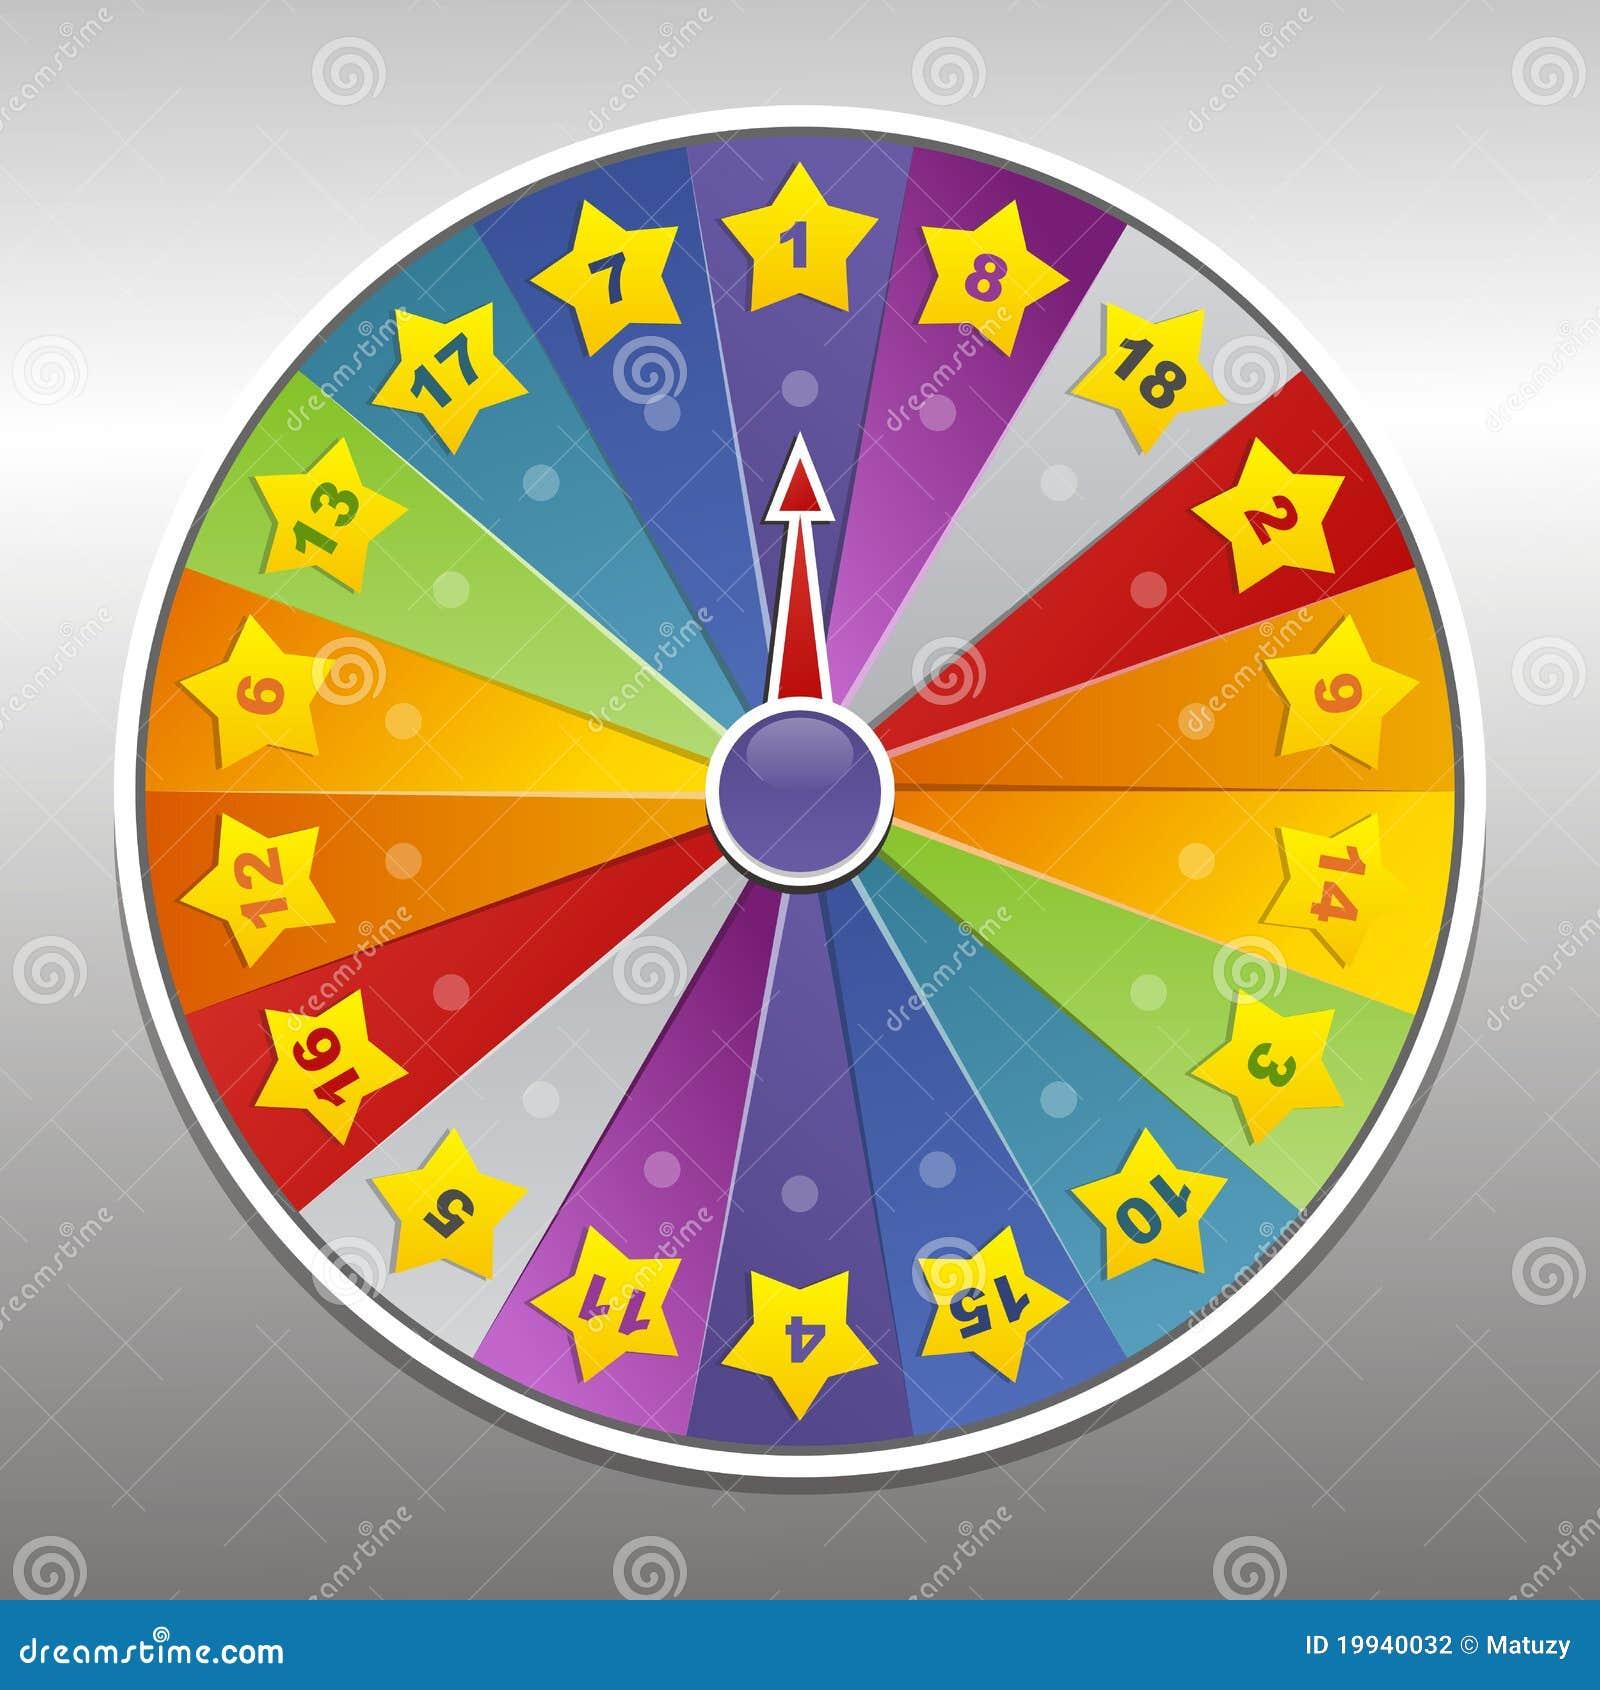 Ruleta gratis con premios juegos Realistic Games 759565